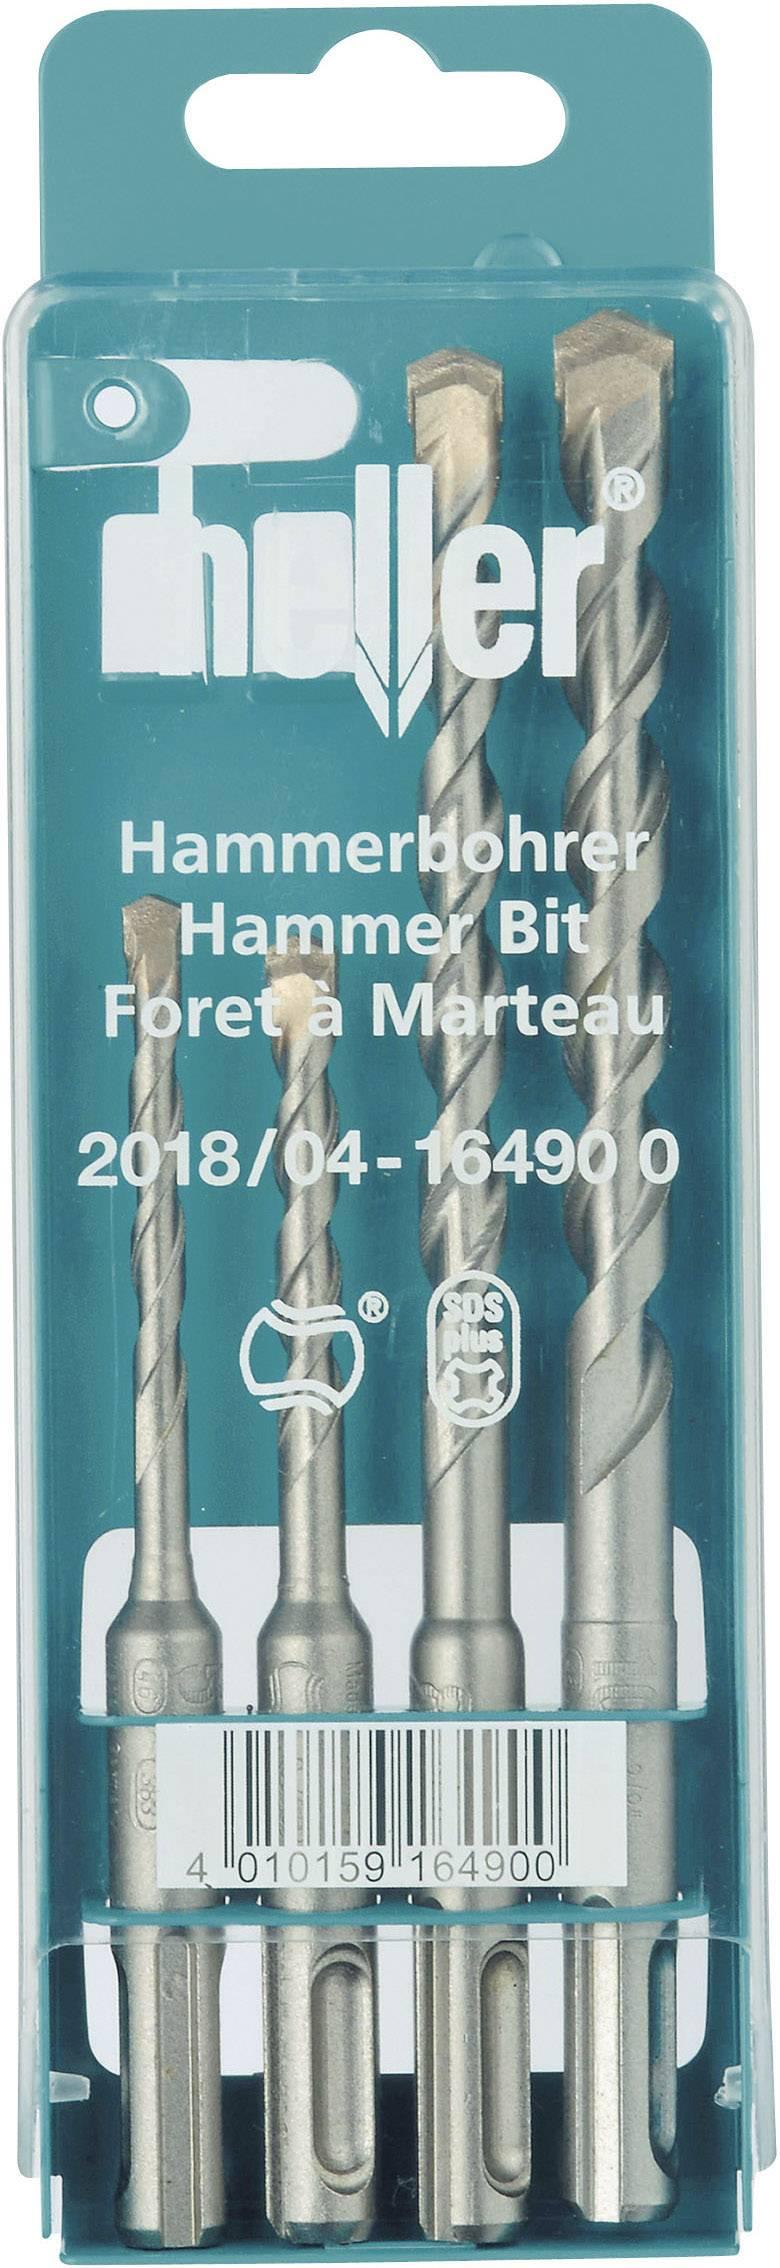 Tvrdý kov sada kladivových vrtákov Heller 16490 0, 5 mm, 6 mm, 8 mm, 10 mm, N/A, 1 sada